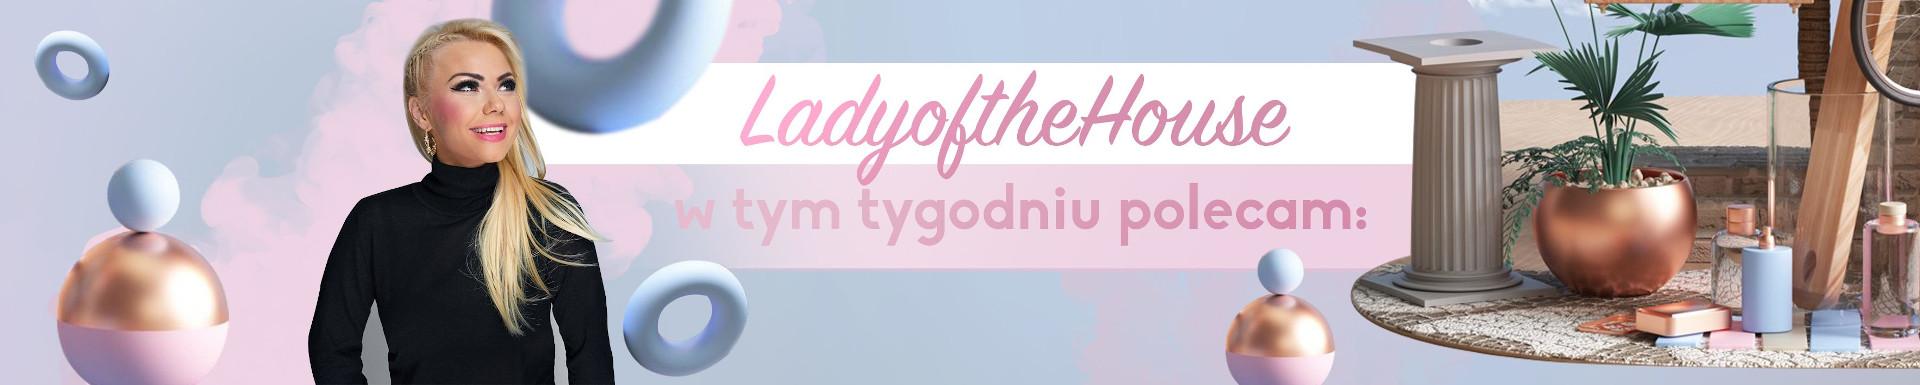 ladyofthehouse - temat tygodnia